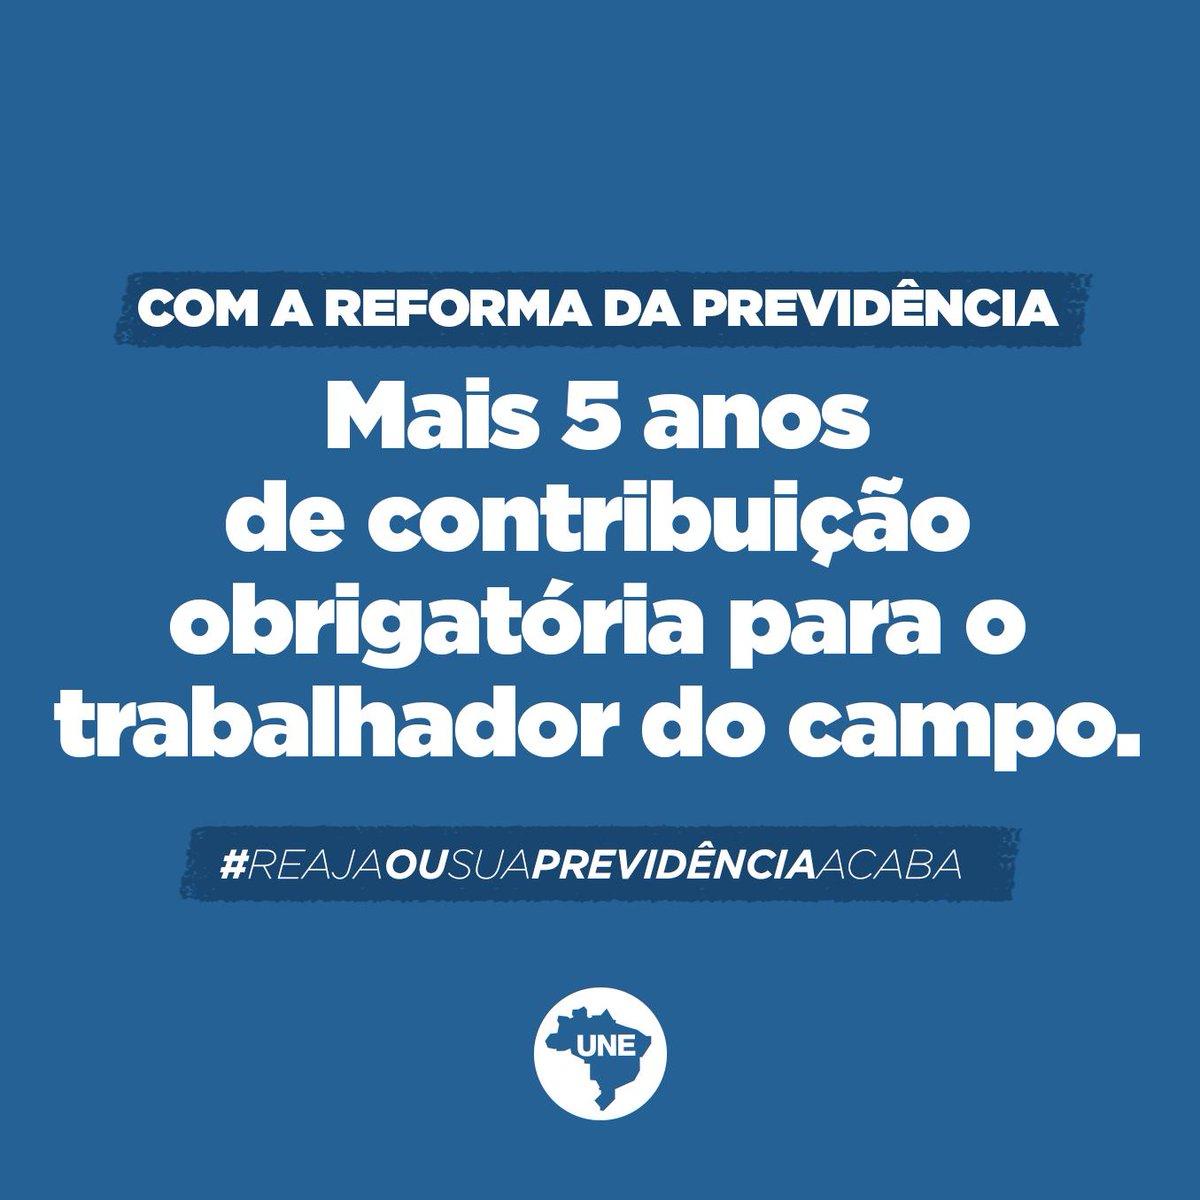 Isso é o que propõe a nova reforma da previdência. Um show de absurdos! #ReajaOuSuaPrevidênciaAcaba Saiba mais:  https://t.co/nx60gYInuC